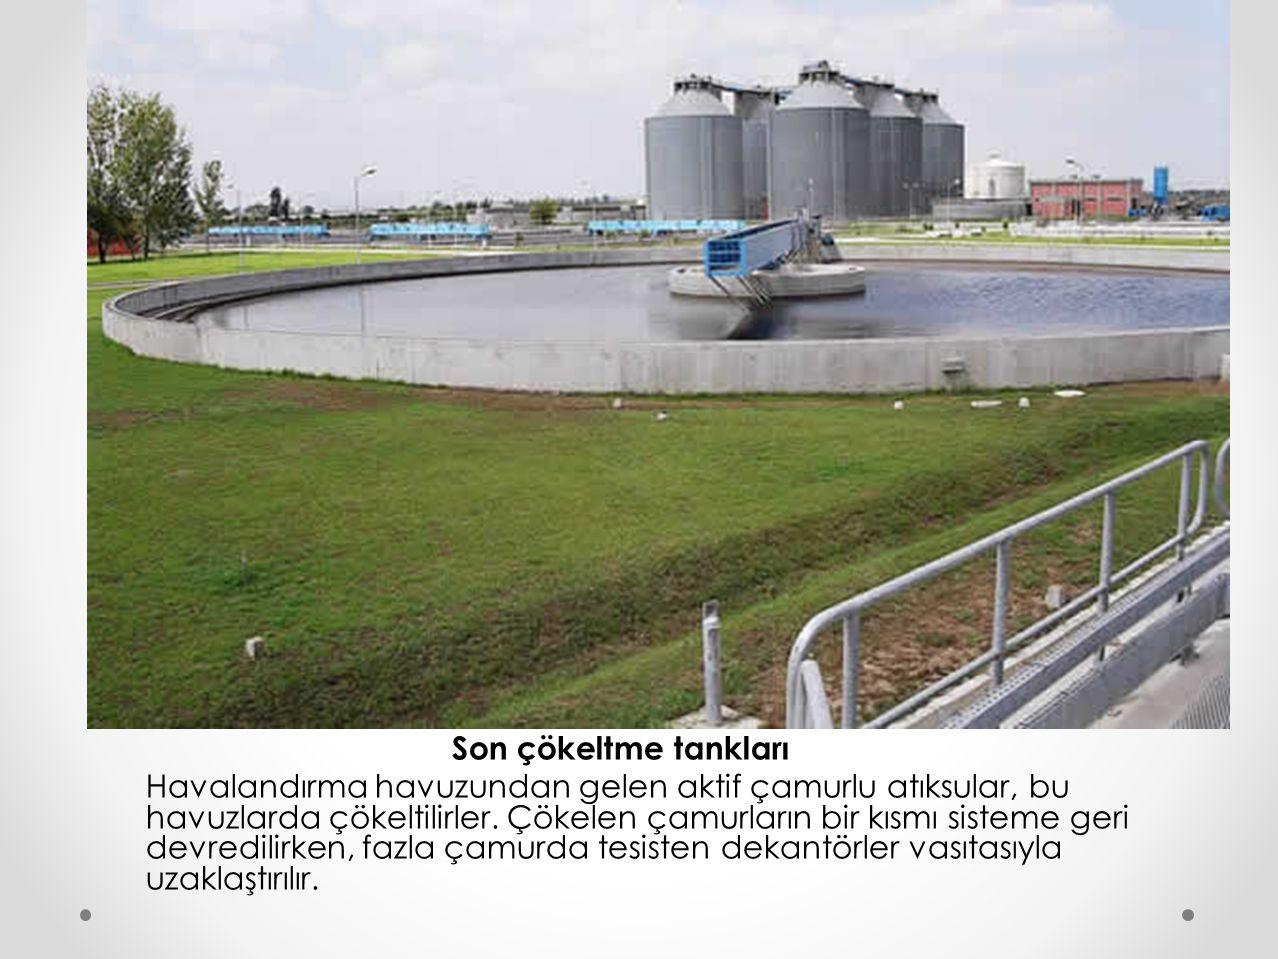 Son çökeltme tankları Havalandırma havuzundan gelen aktif çamurlu atıksular, bu havuzlarda çökeltilirler. Çökelen çamurların bir kısmı sisteme geri de